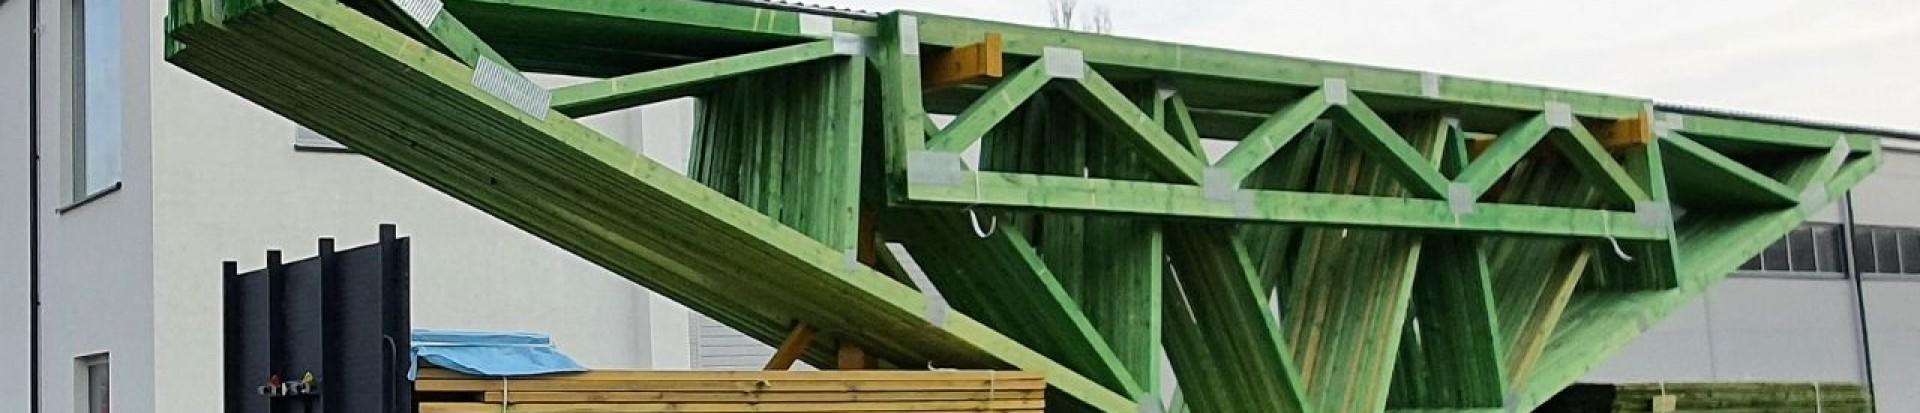 Transport prefabrykowanych wiązarów dachowych w WPW Invest